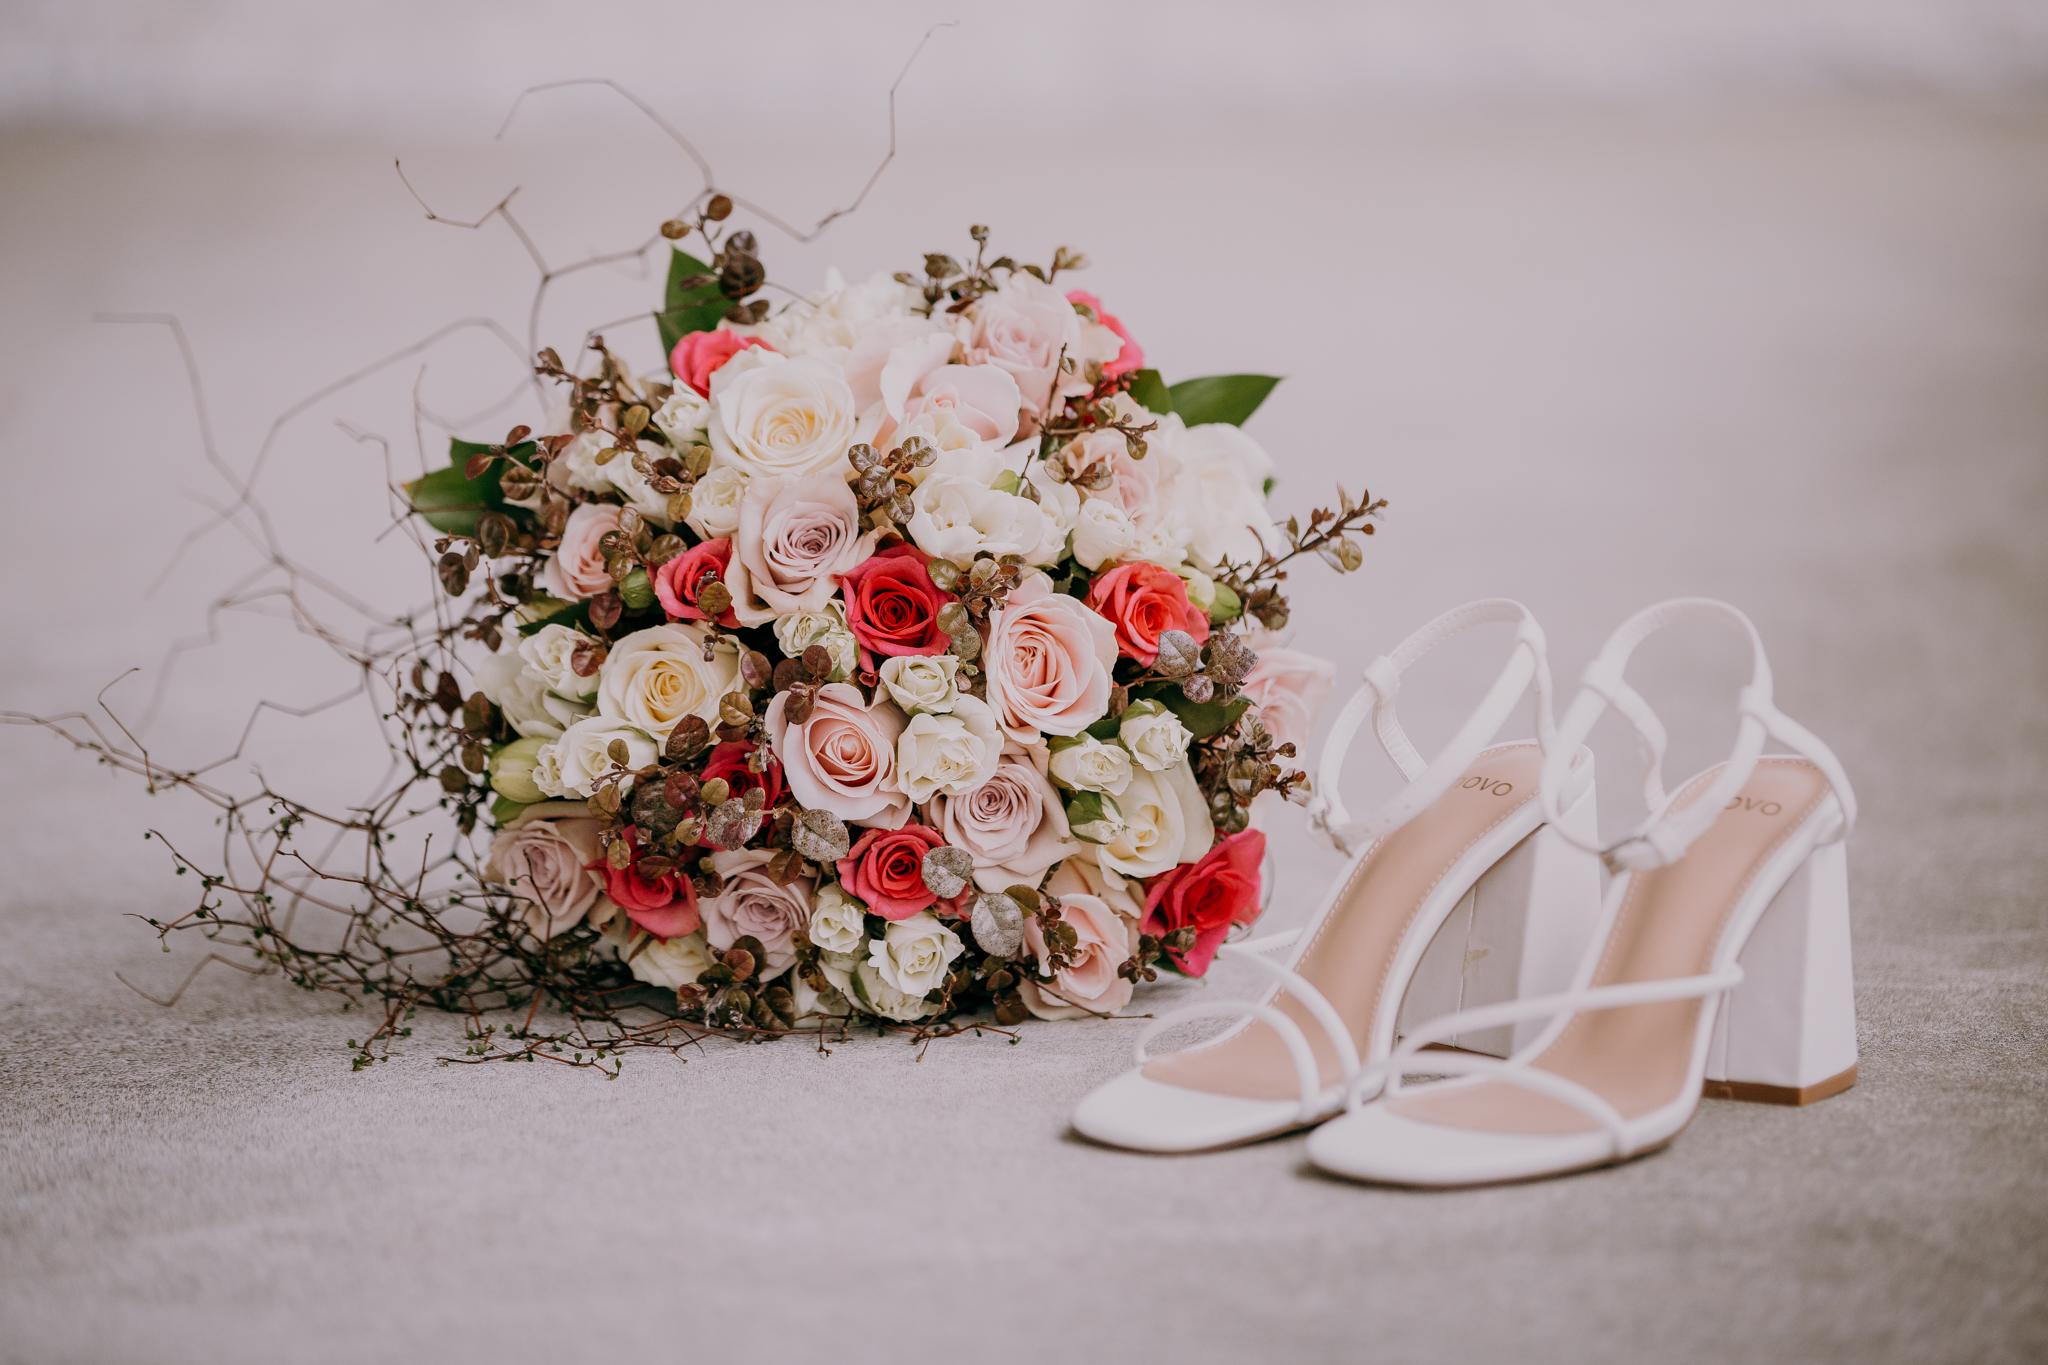 Flowers by Lynette